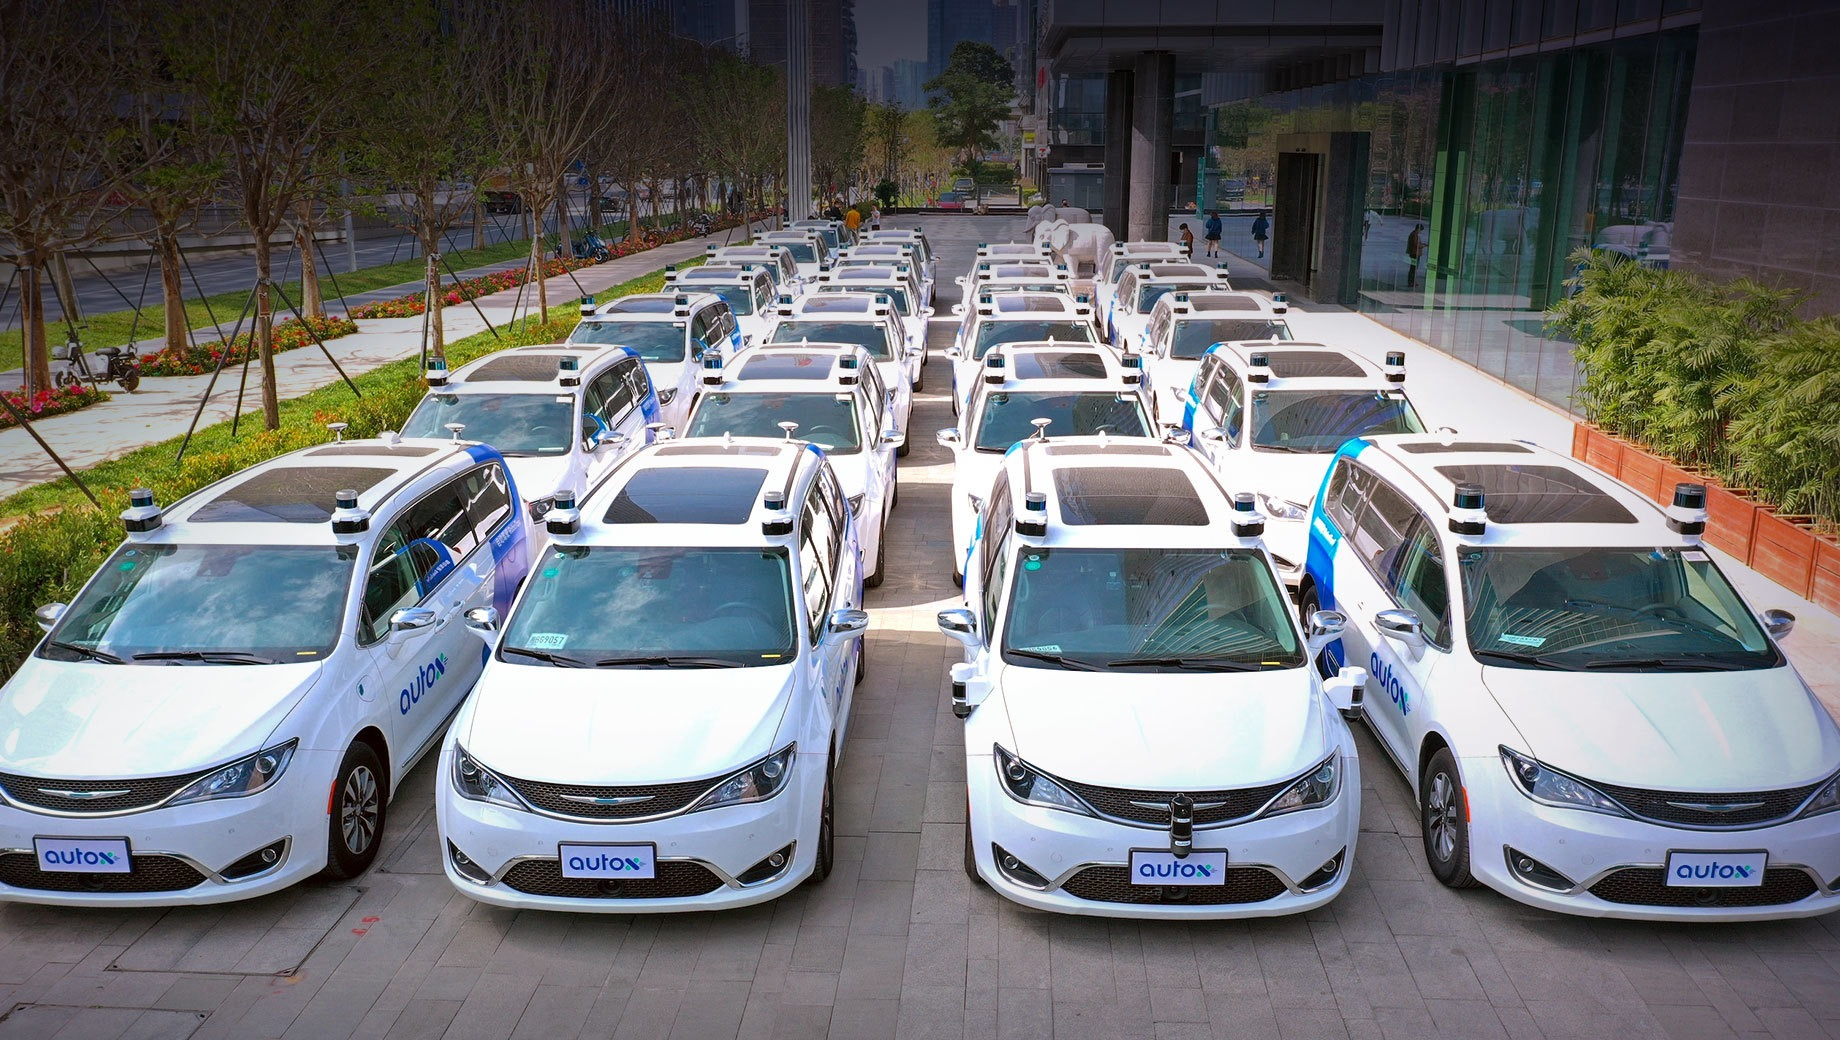 Стартап AutoX китайско-американского происхождения приступил к тестированию беспилотных Chrysler Pacifica в Шэньчжэне. Что самое интересное, власти города разрешили проводить испытания без водителей. Все машины полагаются только на свой «мозг» – компания намеренно не использует дистанционное управление.